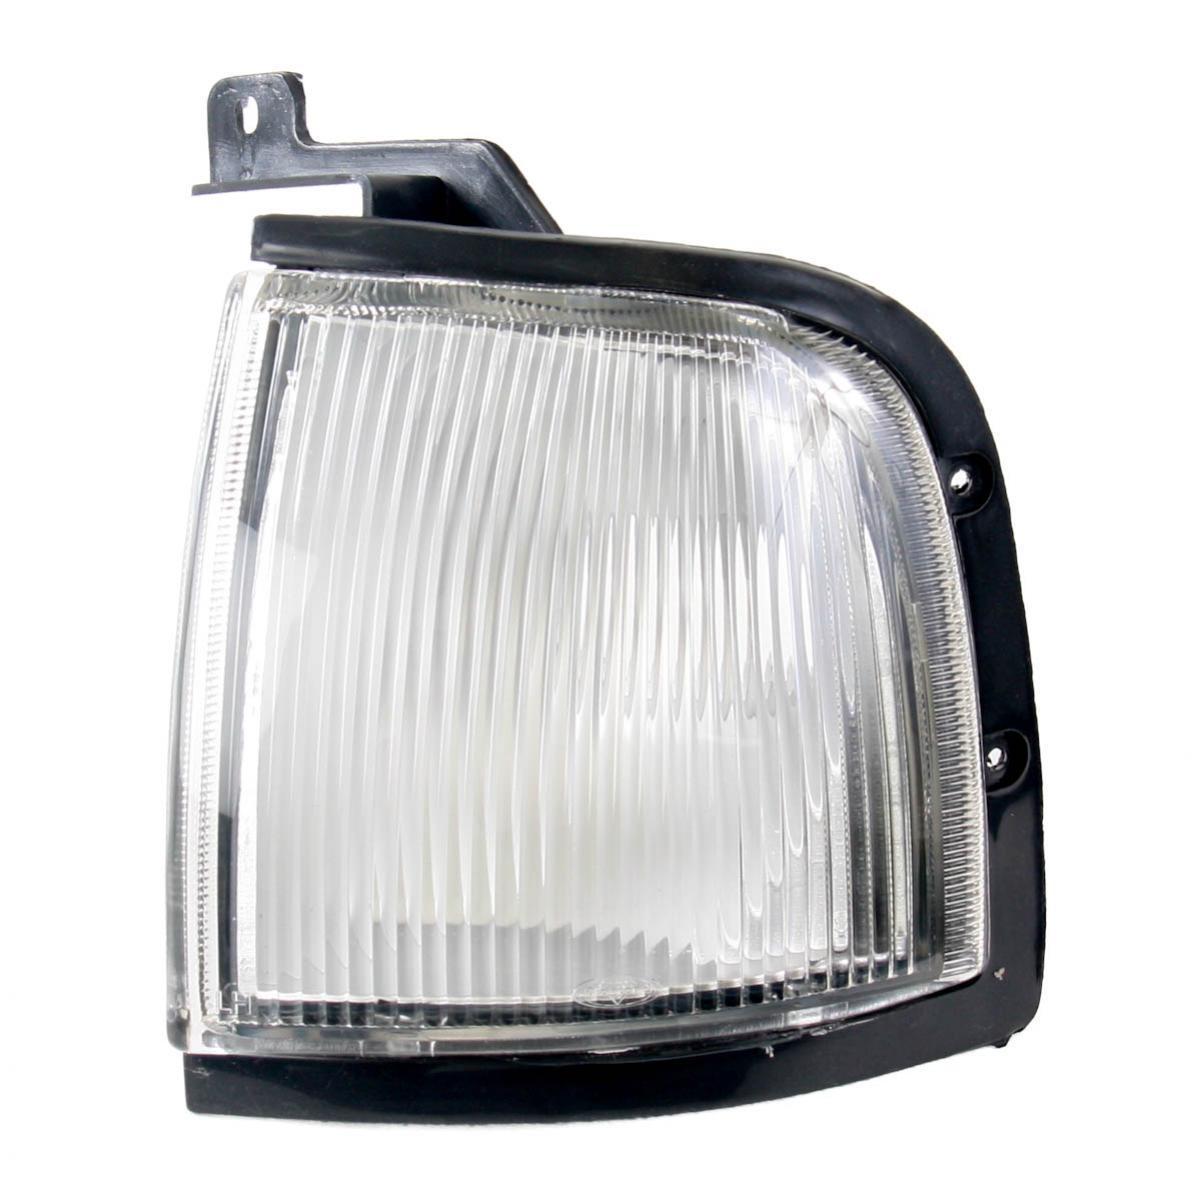 コーナーライト Left Corner Lights Signal Lamp Blinker Fits Ford Ranger Compact Pickup 1999-2001 左コーナーライト信号ランプの点滅がFord Rangerコンパクトピックアップに適合1999-2001